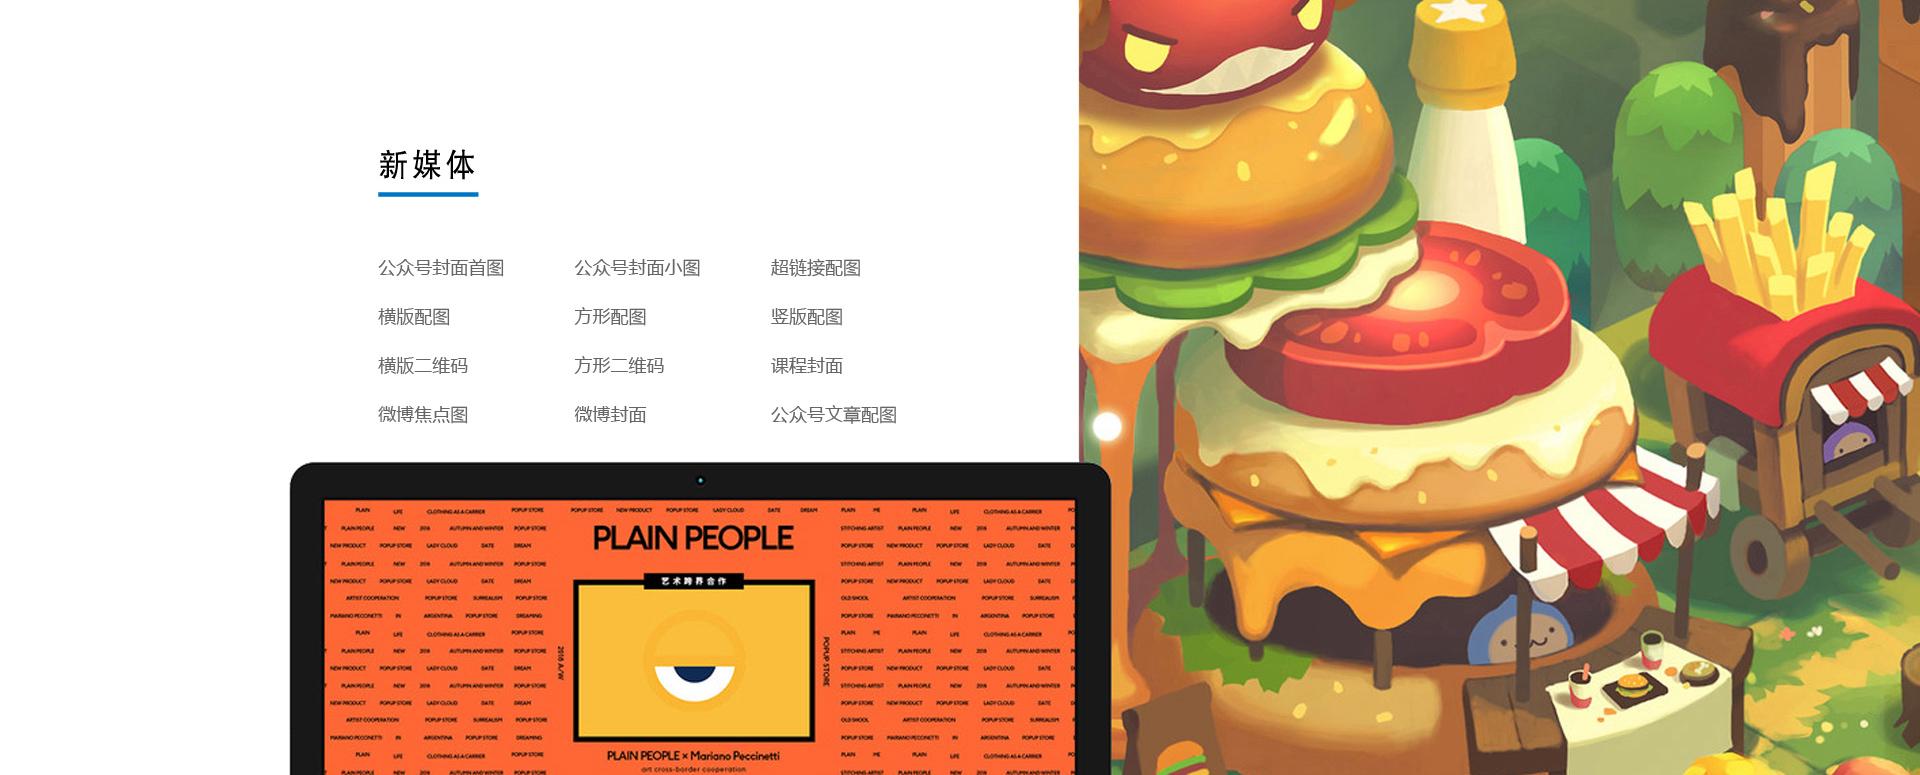 设计场景最终版_05.jpg